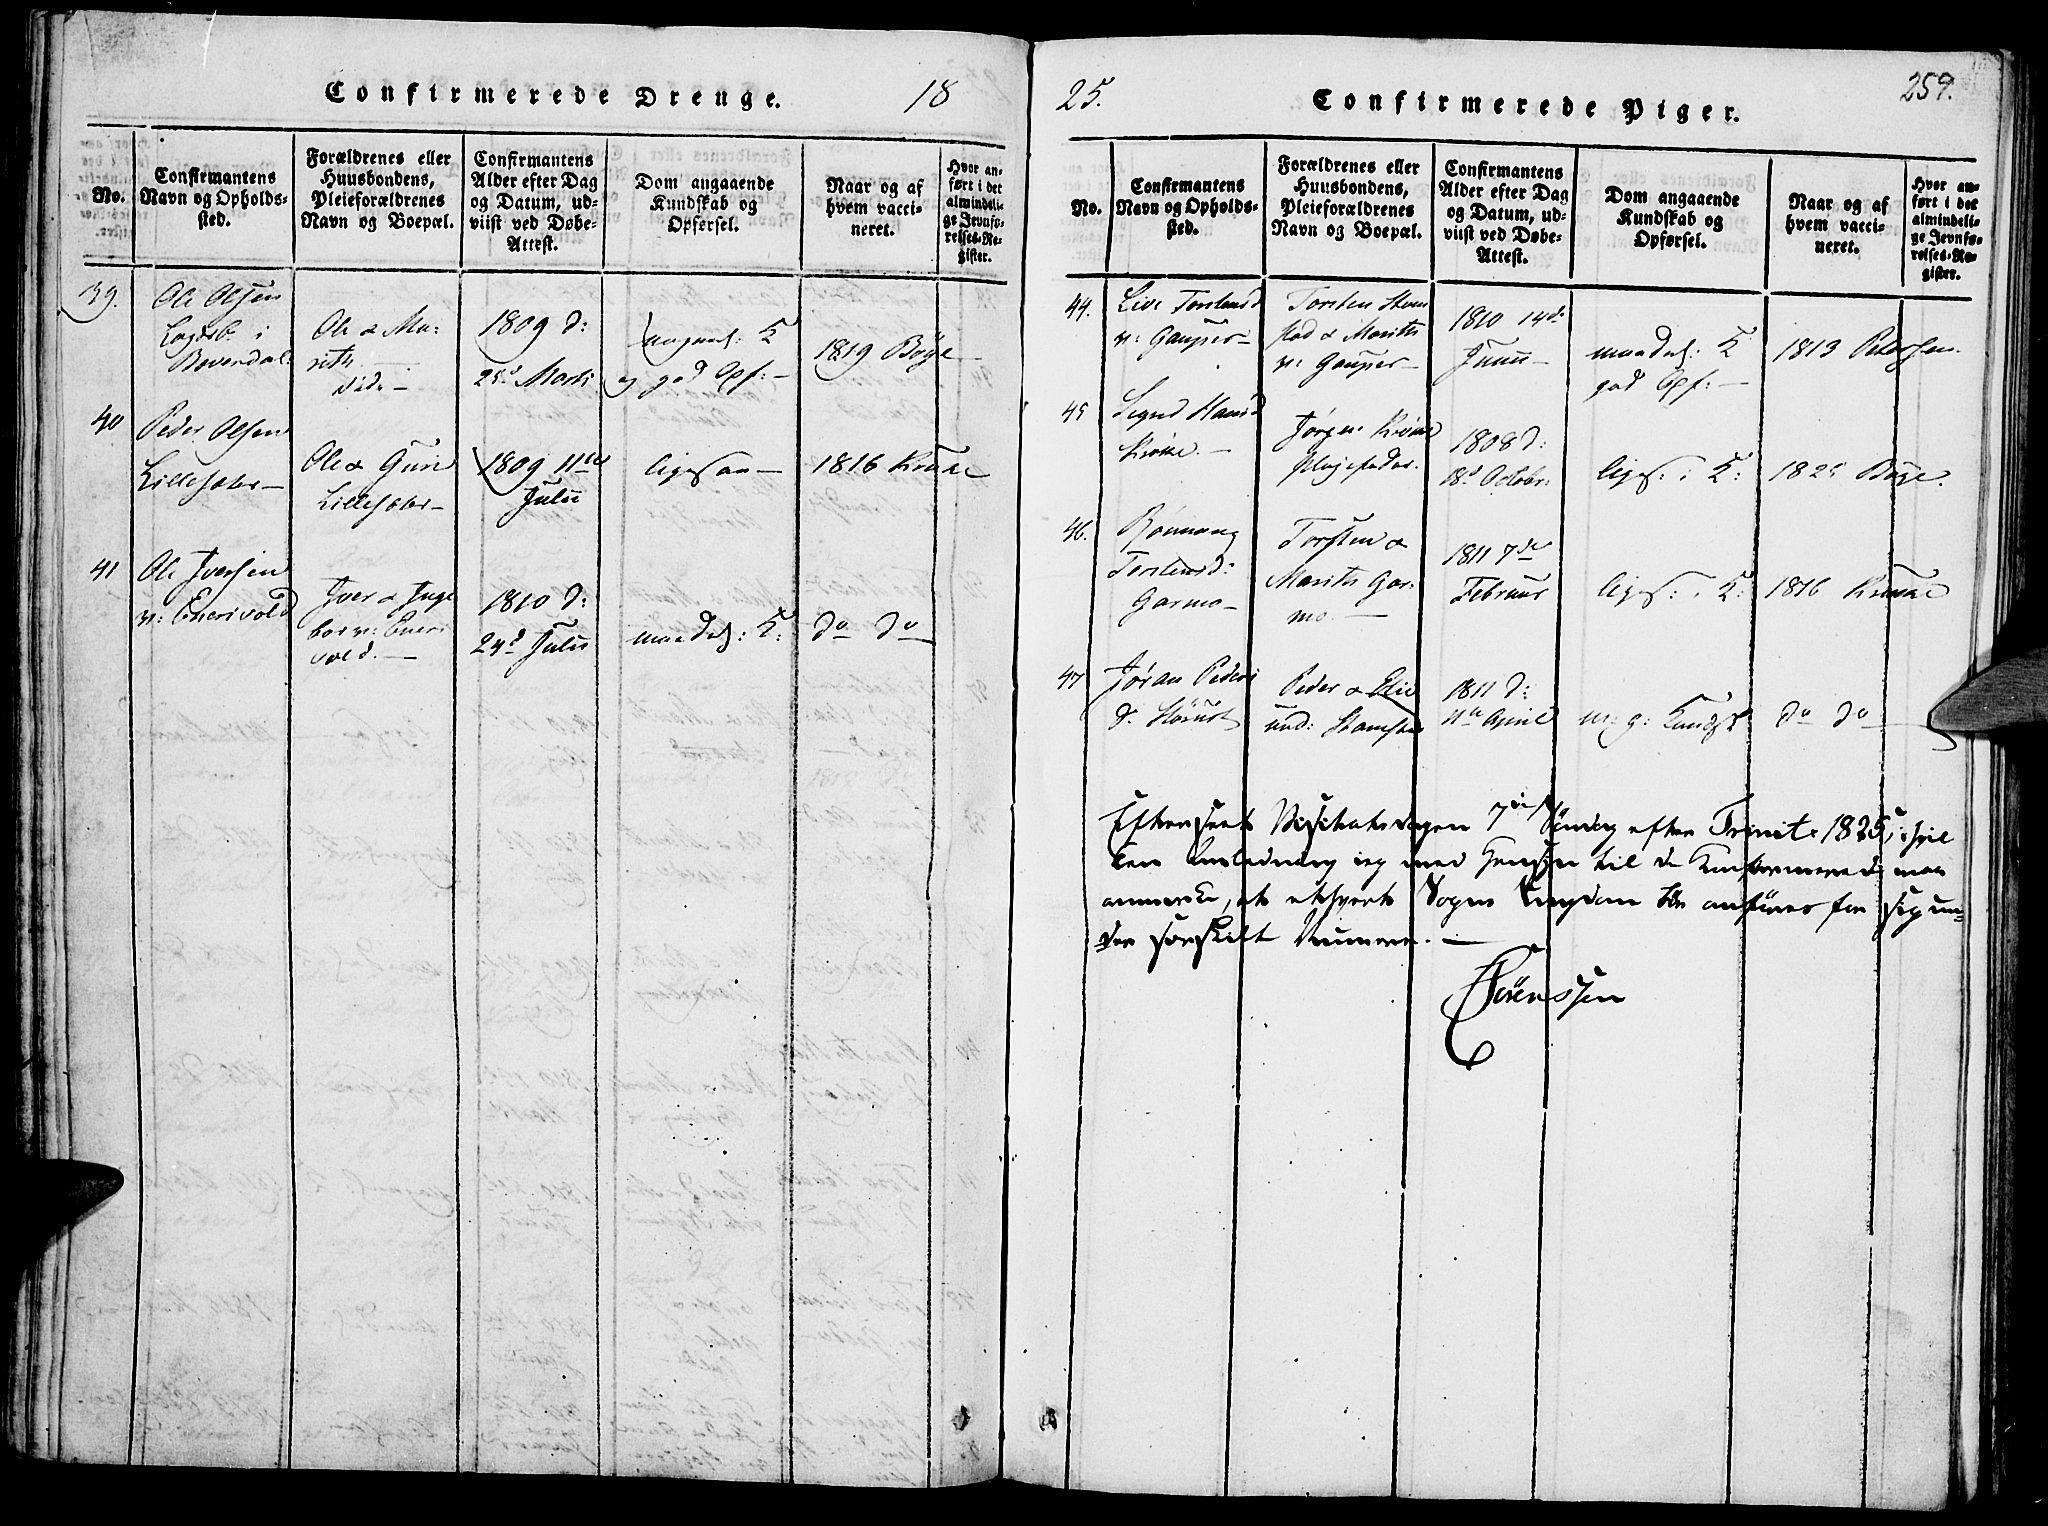 SAH, Lom prestekontor, K/L0004: Ministerialbok nr. 4, 1815-1825, s. 259